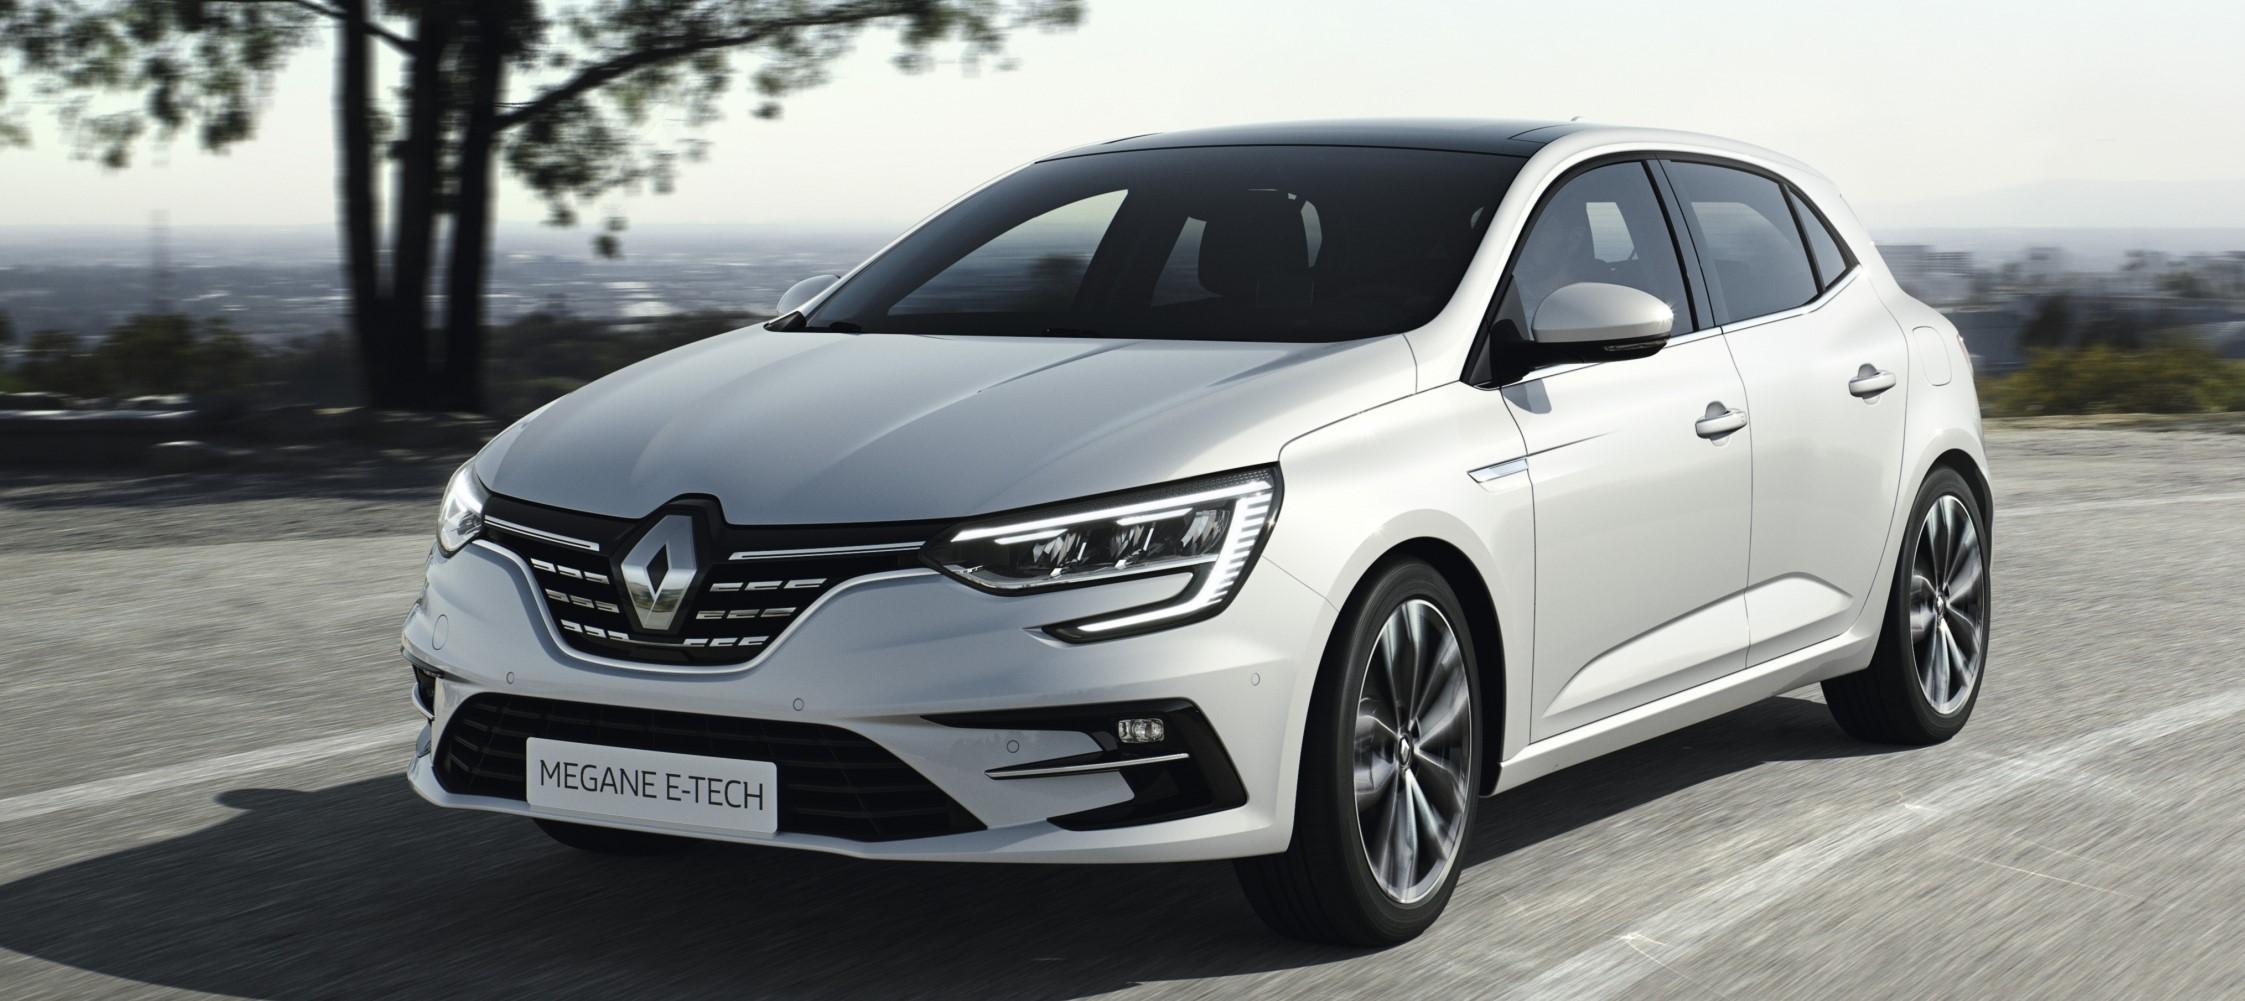 Renault Megane E-Tech PHEV unveiled